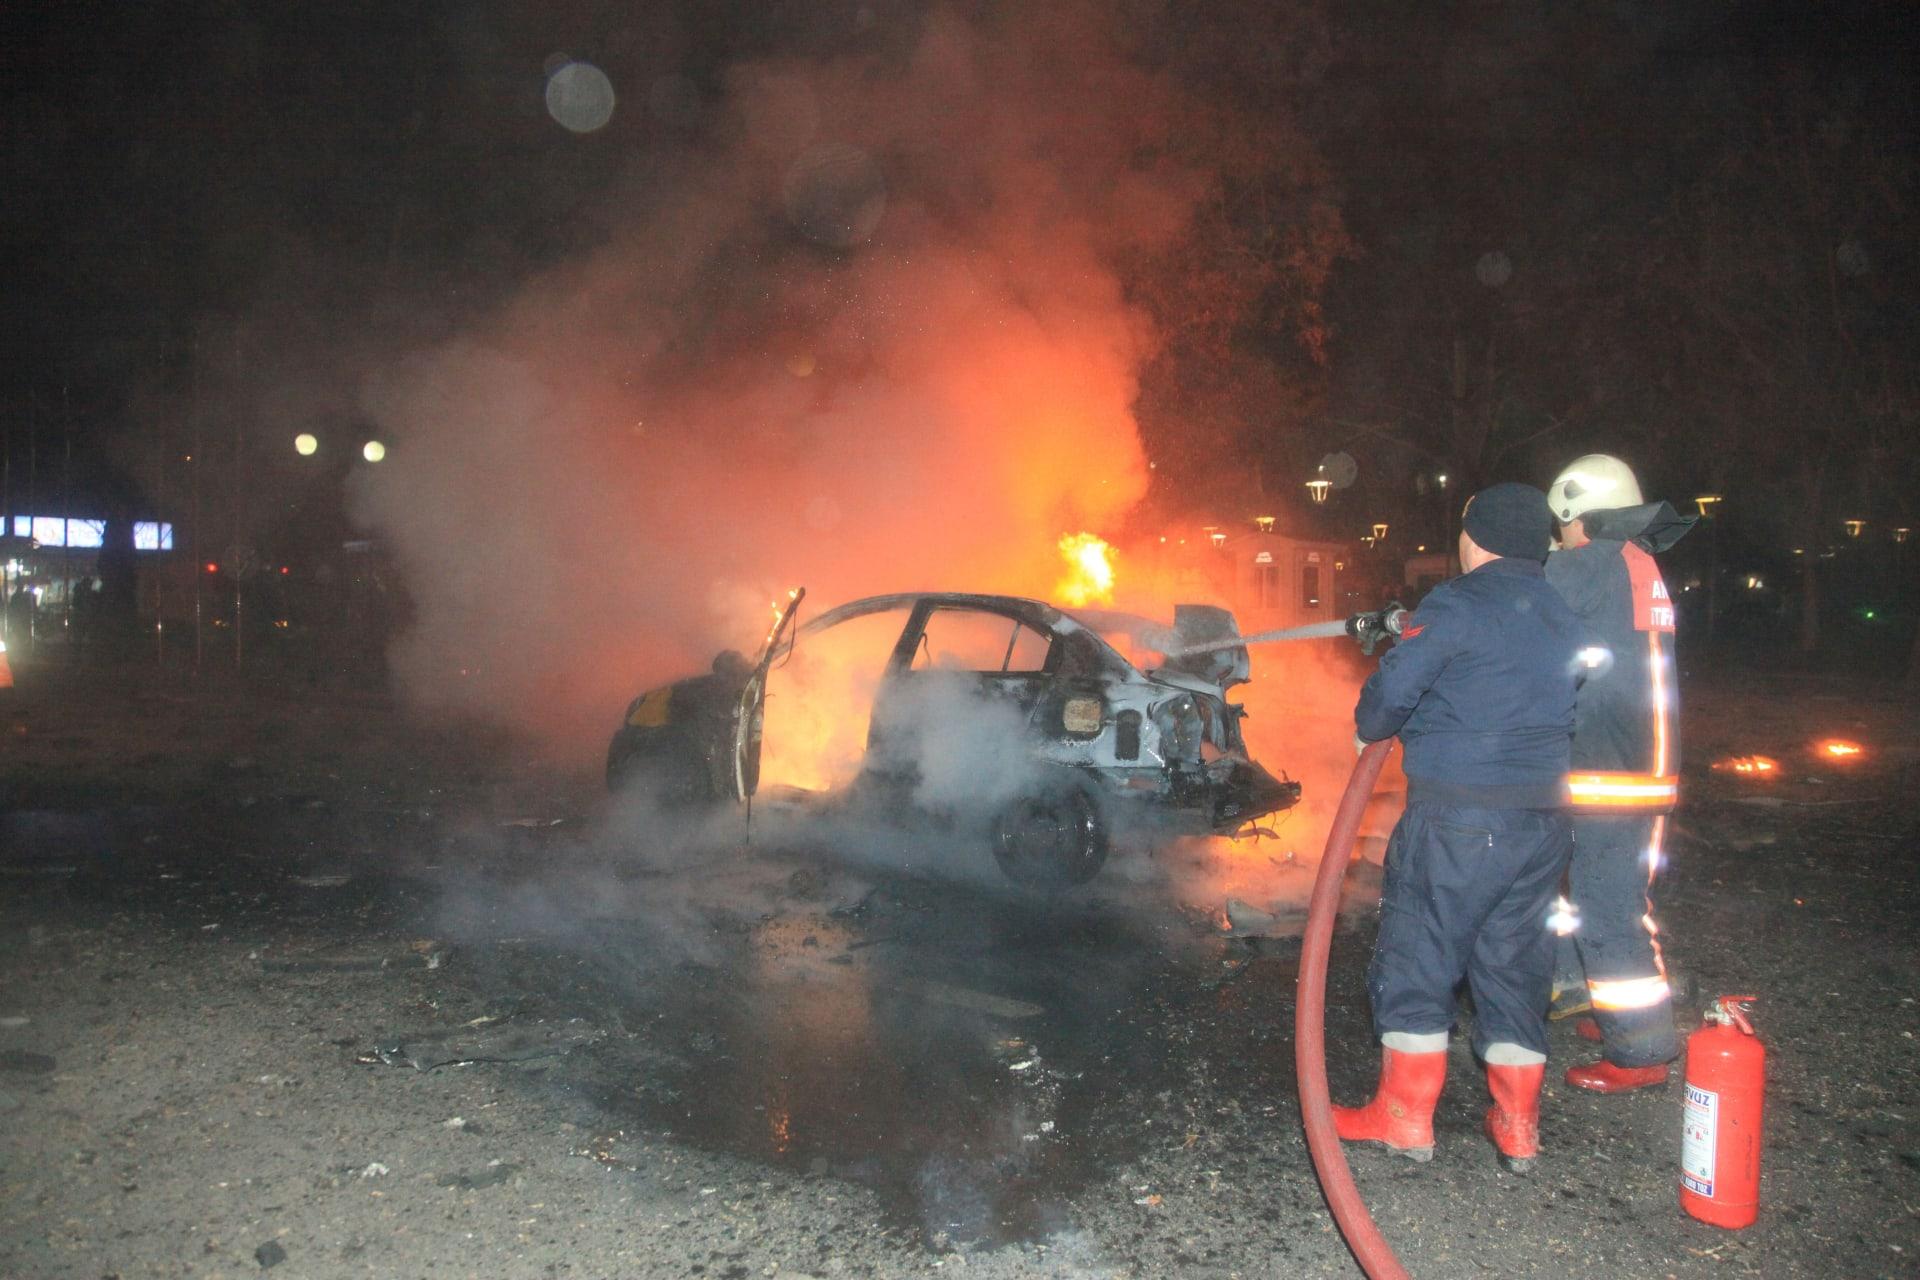 تركيا: احتجاز 29 شخصا لاتصالهم بتفجير أنقرة.. وأردوغان يتعهد: سنُرضخ الإرهاب